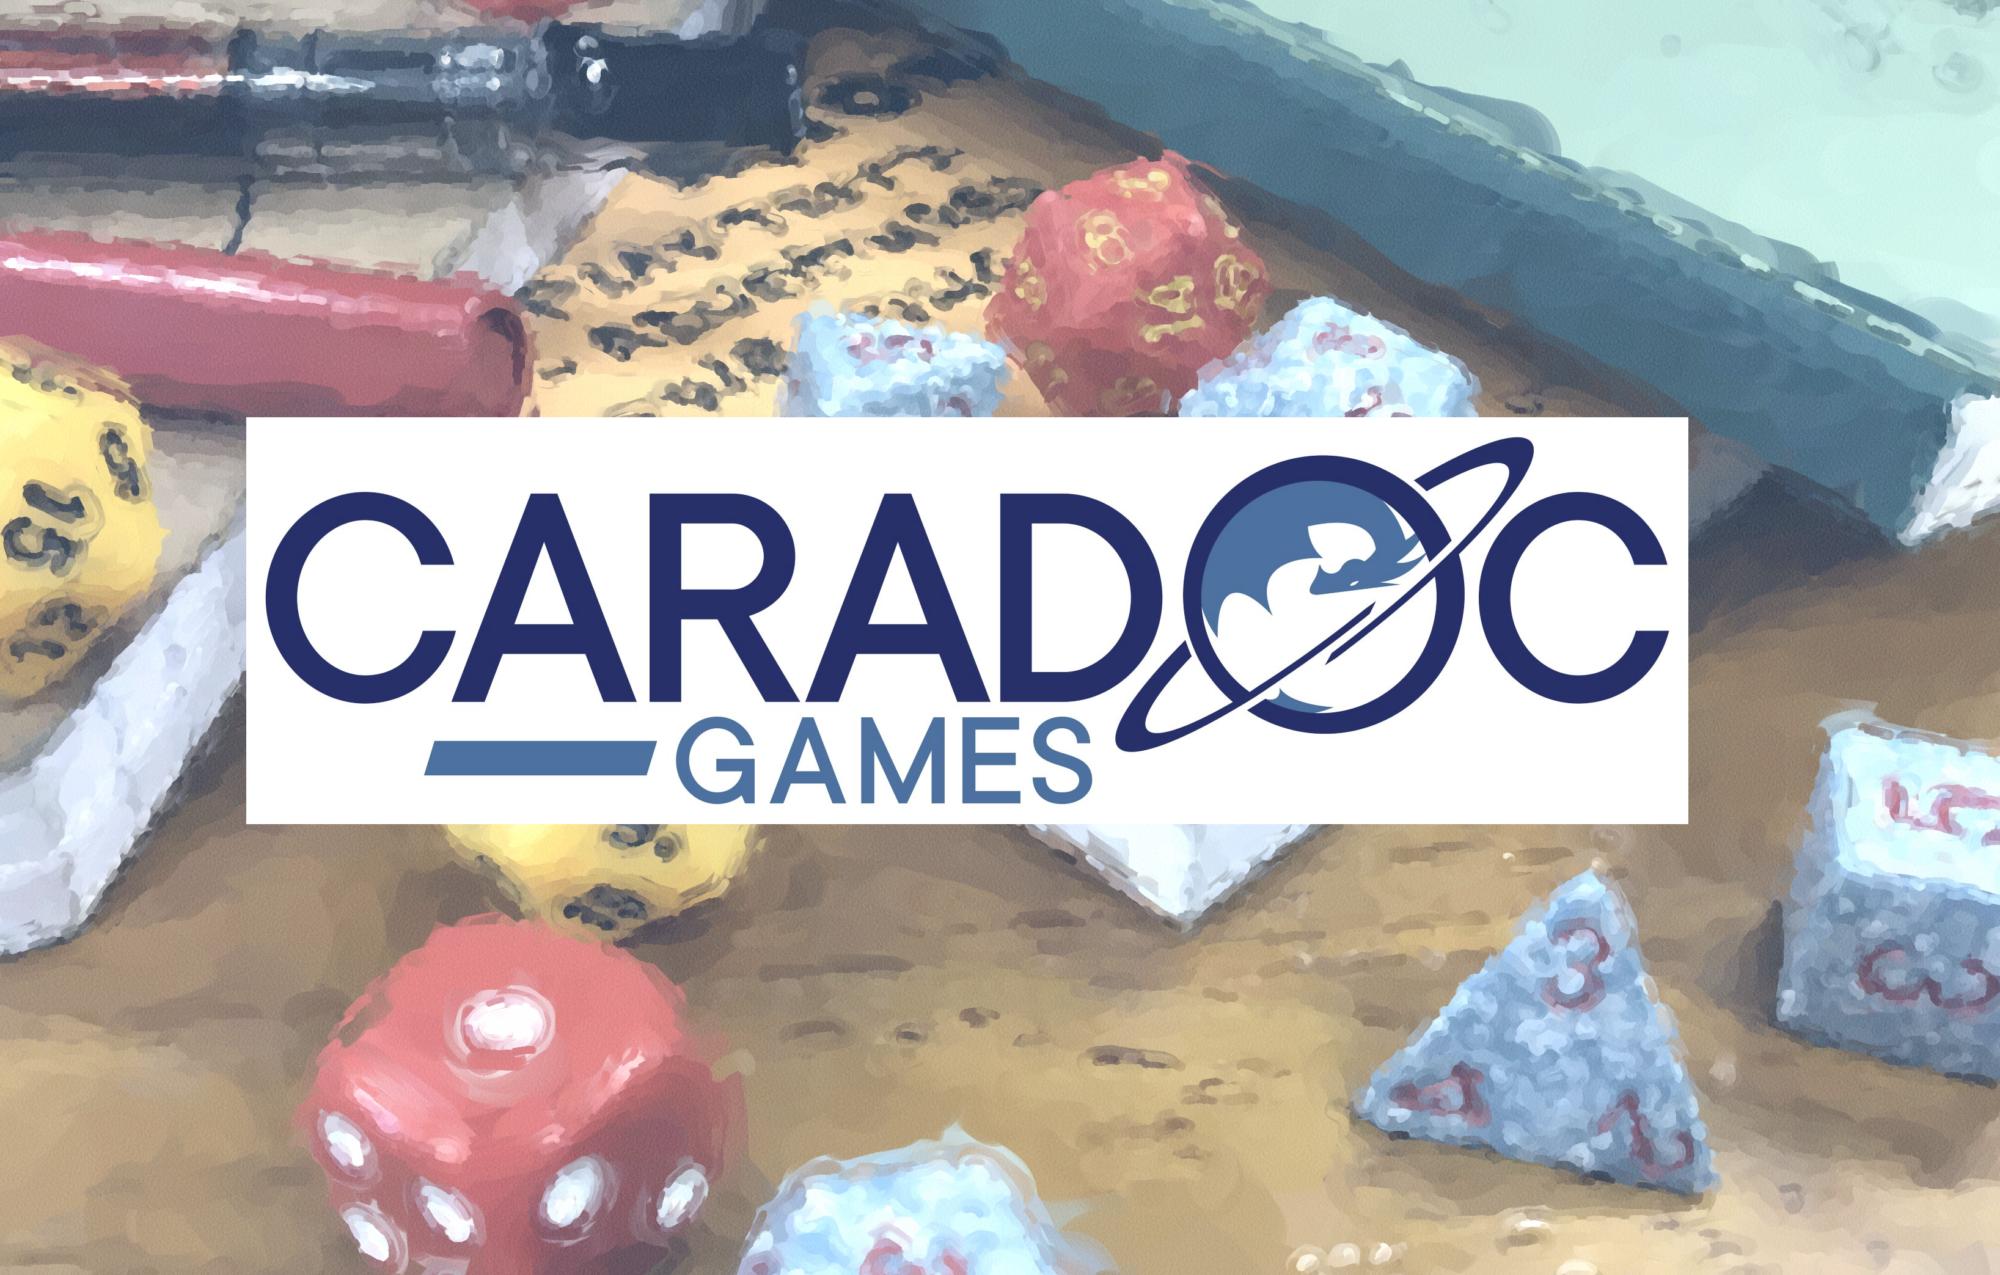 Caradoc games